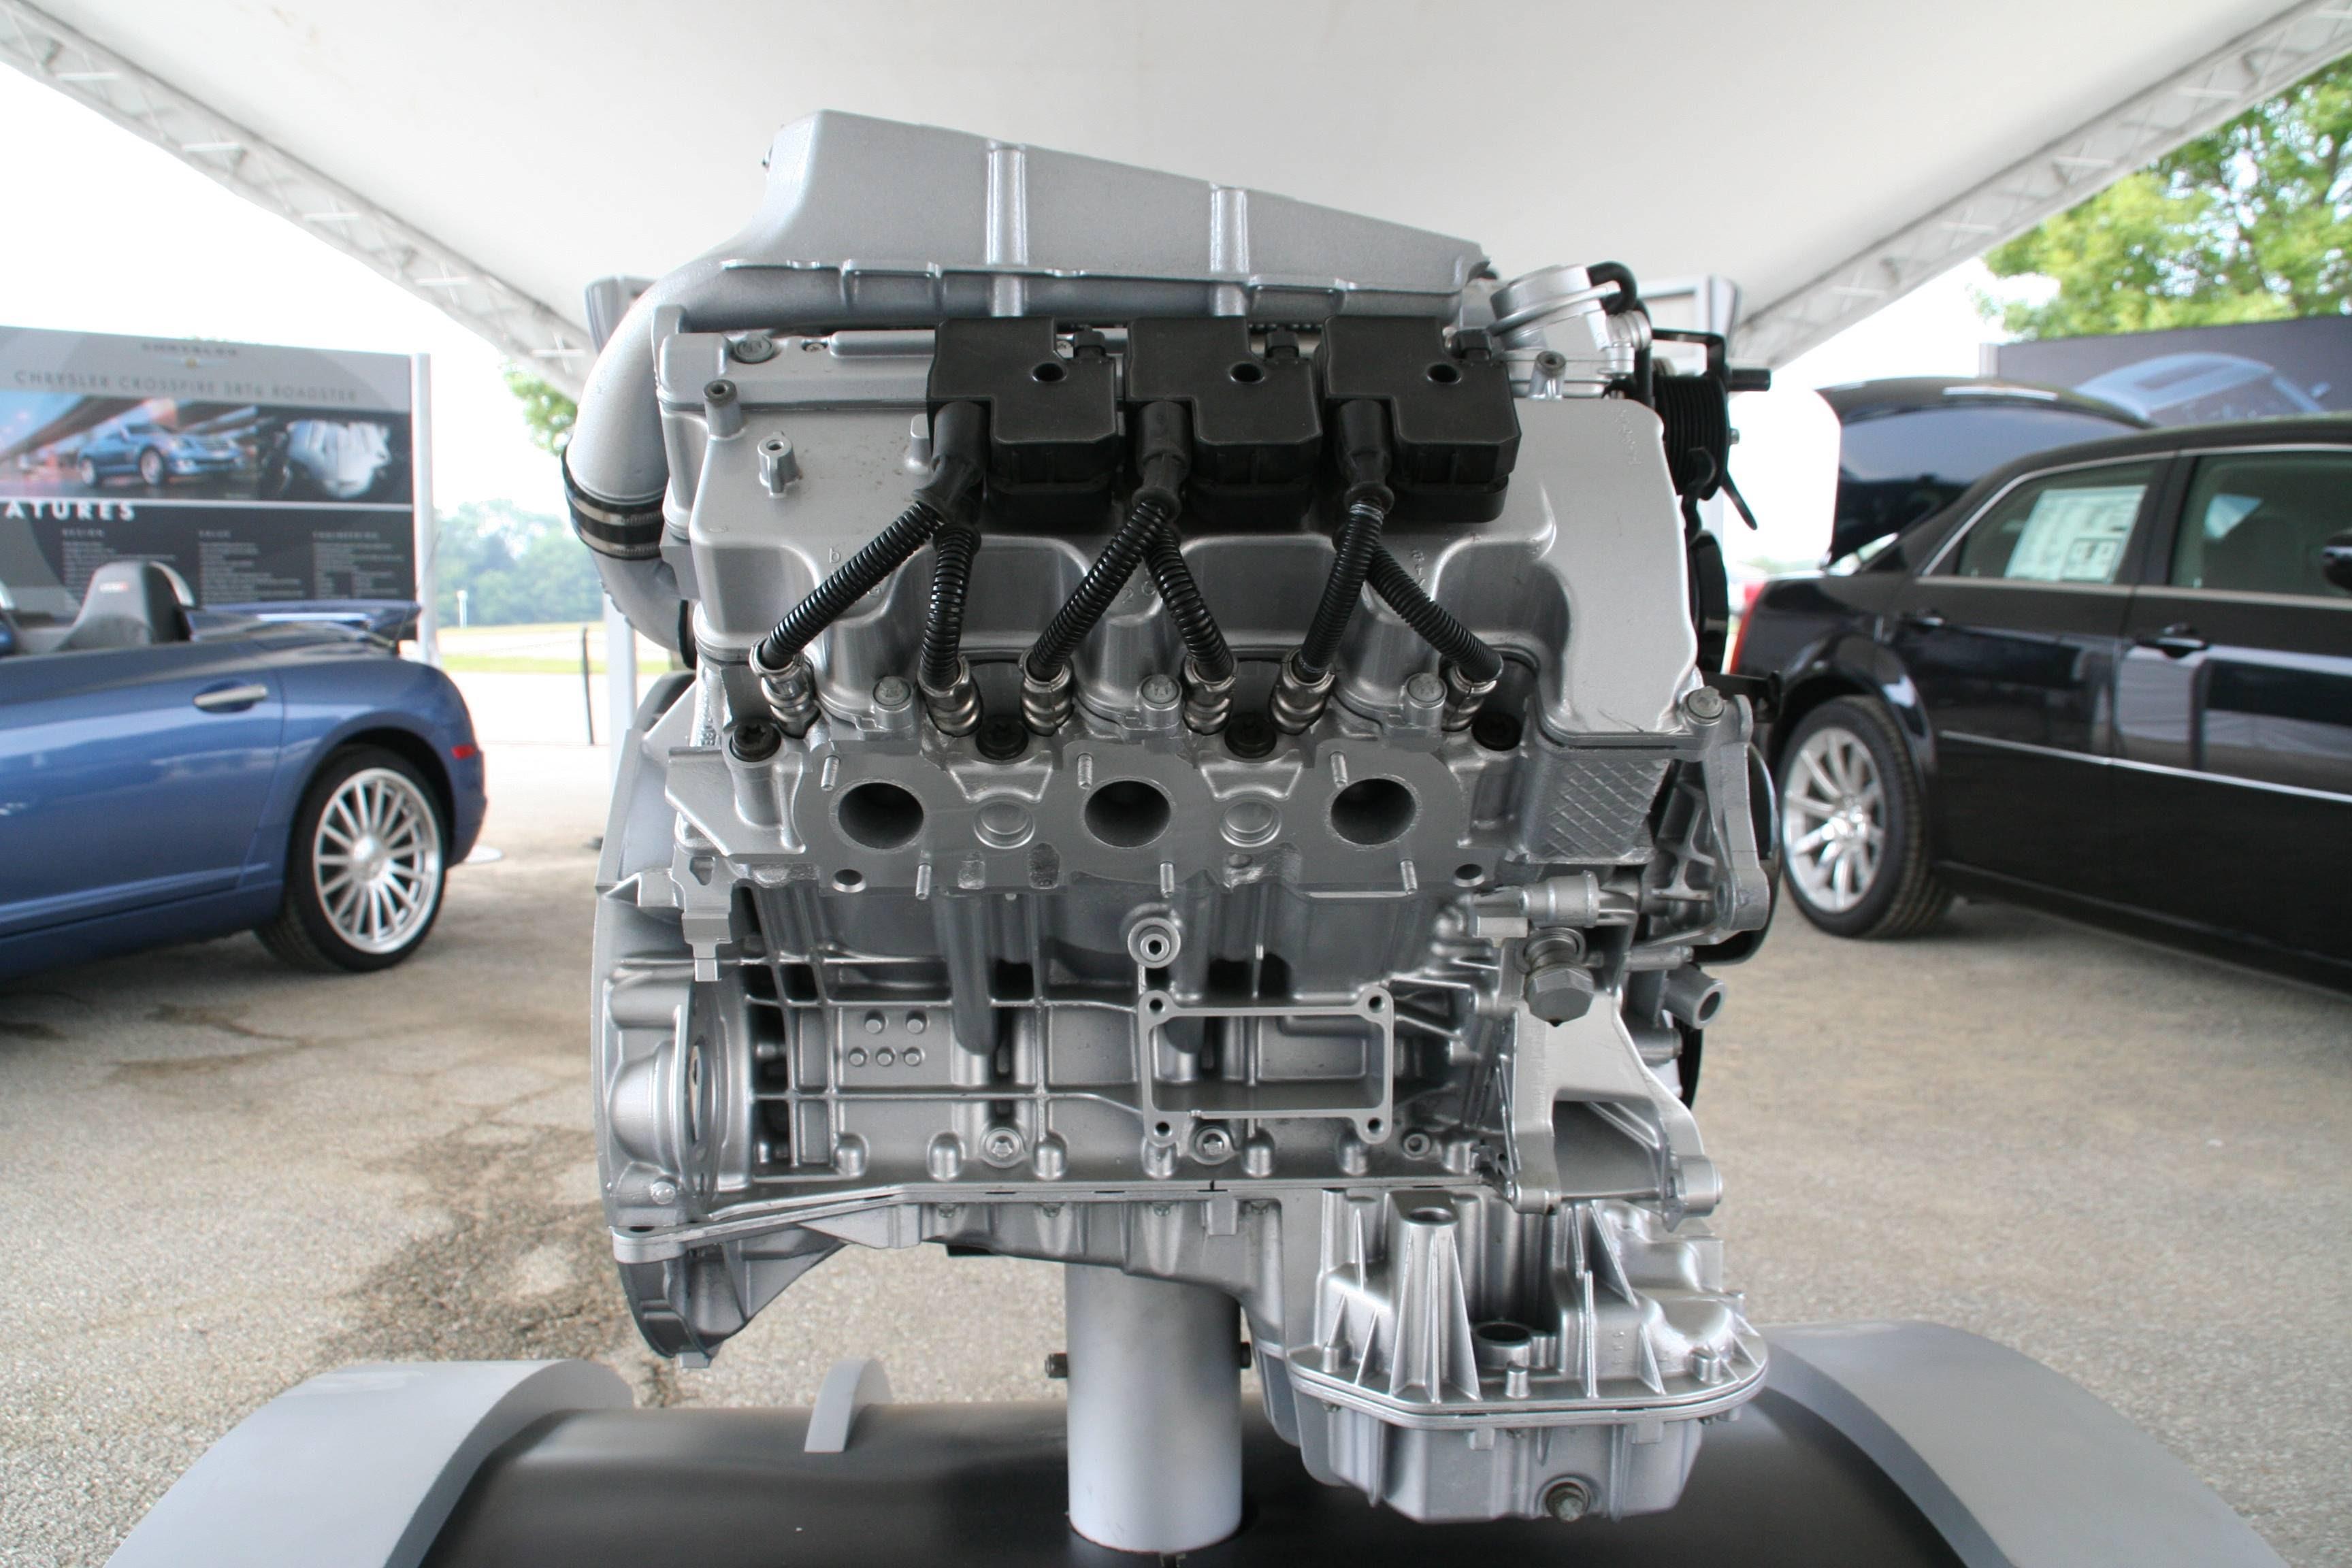 chrysler crossfire srt6 engine. srt6 engine v6 32l 349 bhp 354 ps 450 nm 260kw chrysler crossfire srt6 engine r